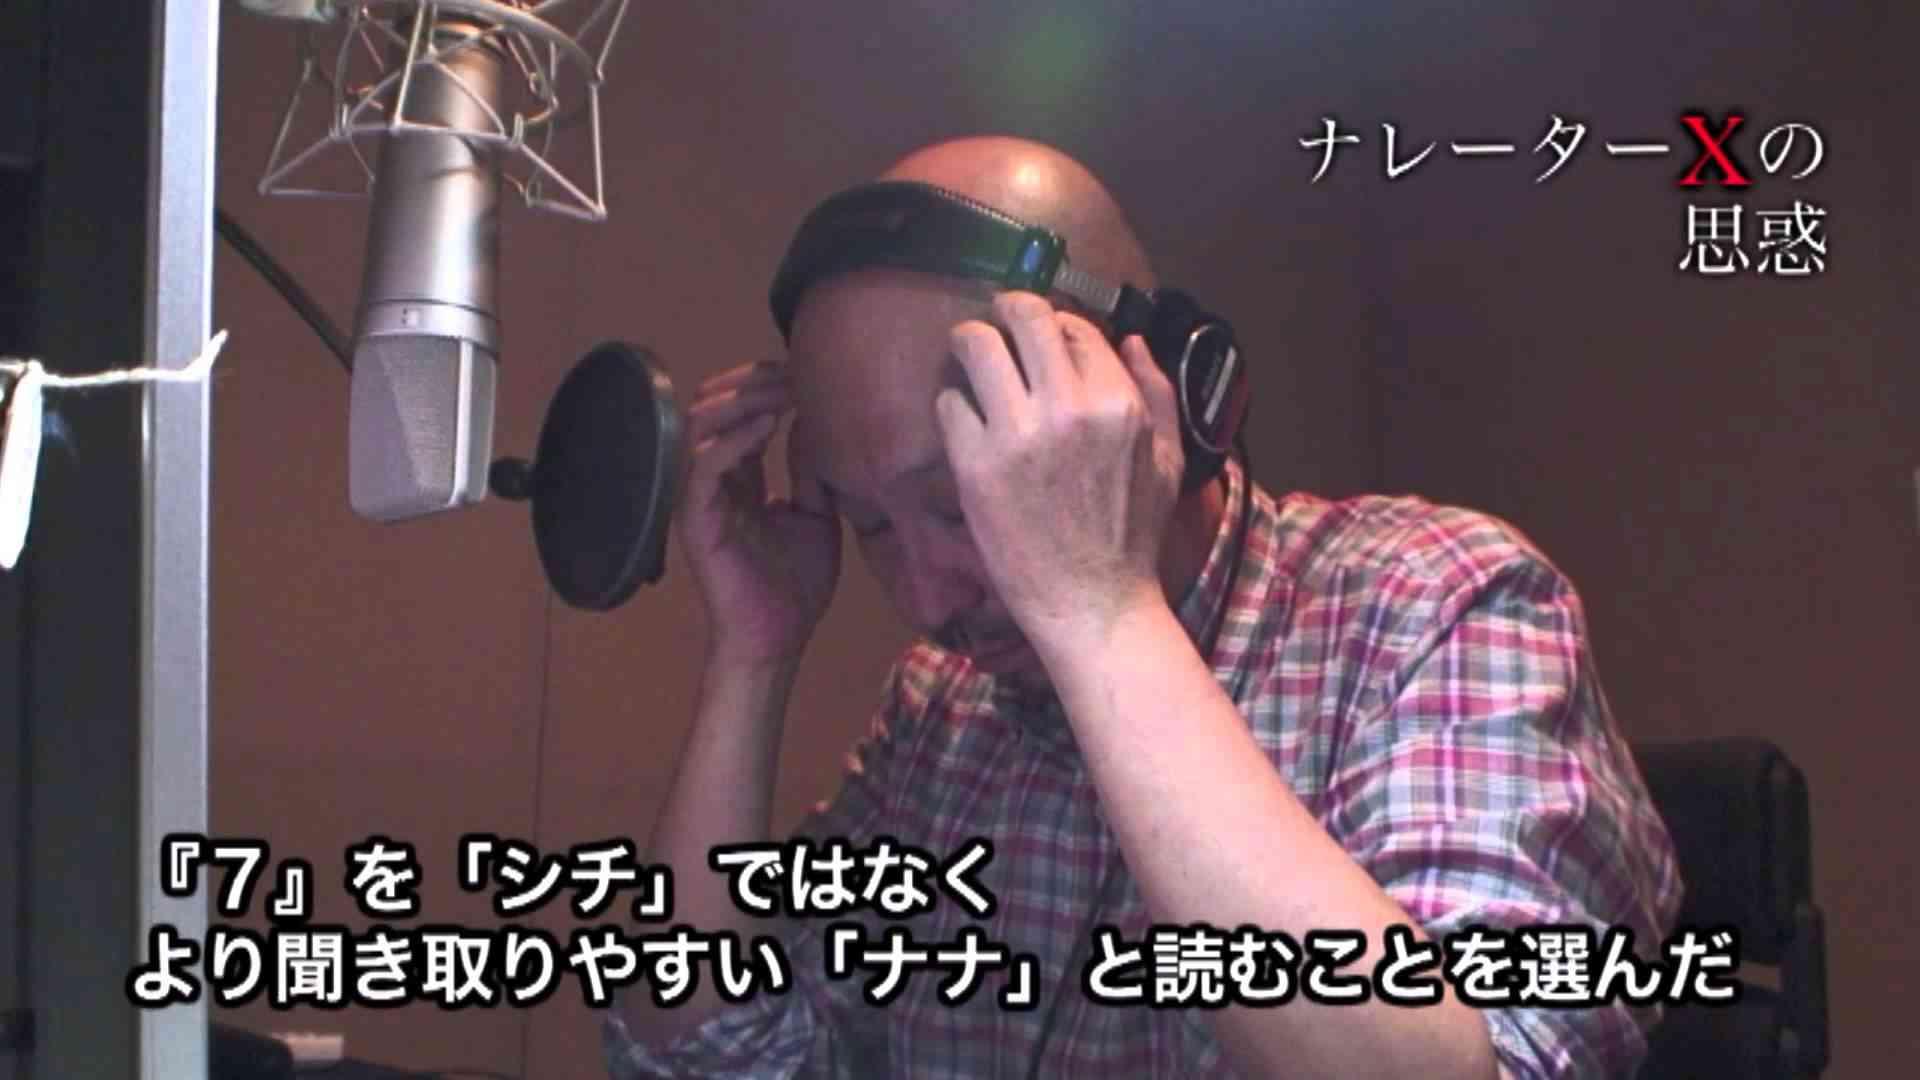 #7 「ビーバップ!ハイヒール」の裏側 ~畑中ふう~ - YouTube